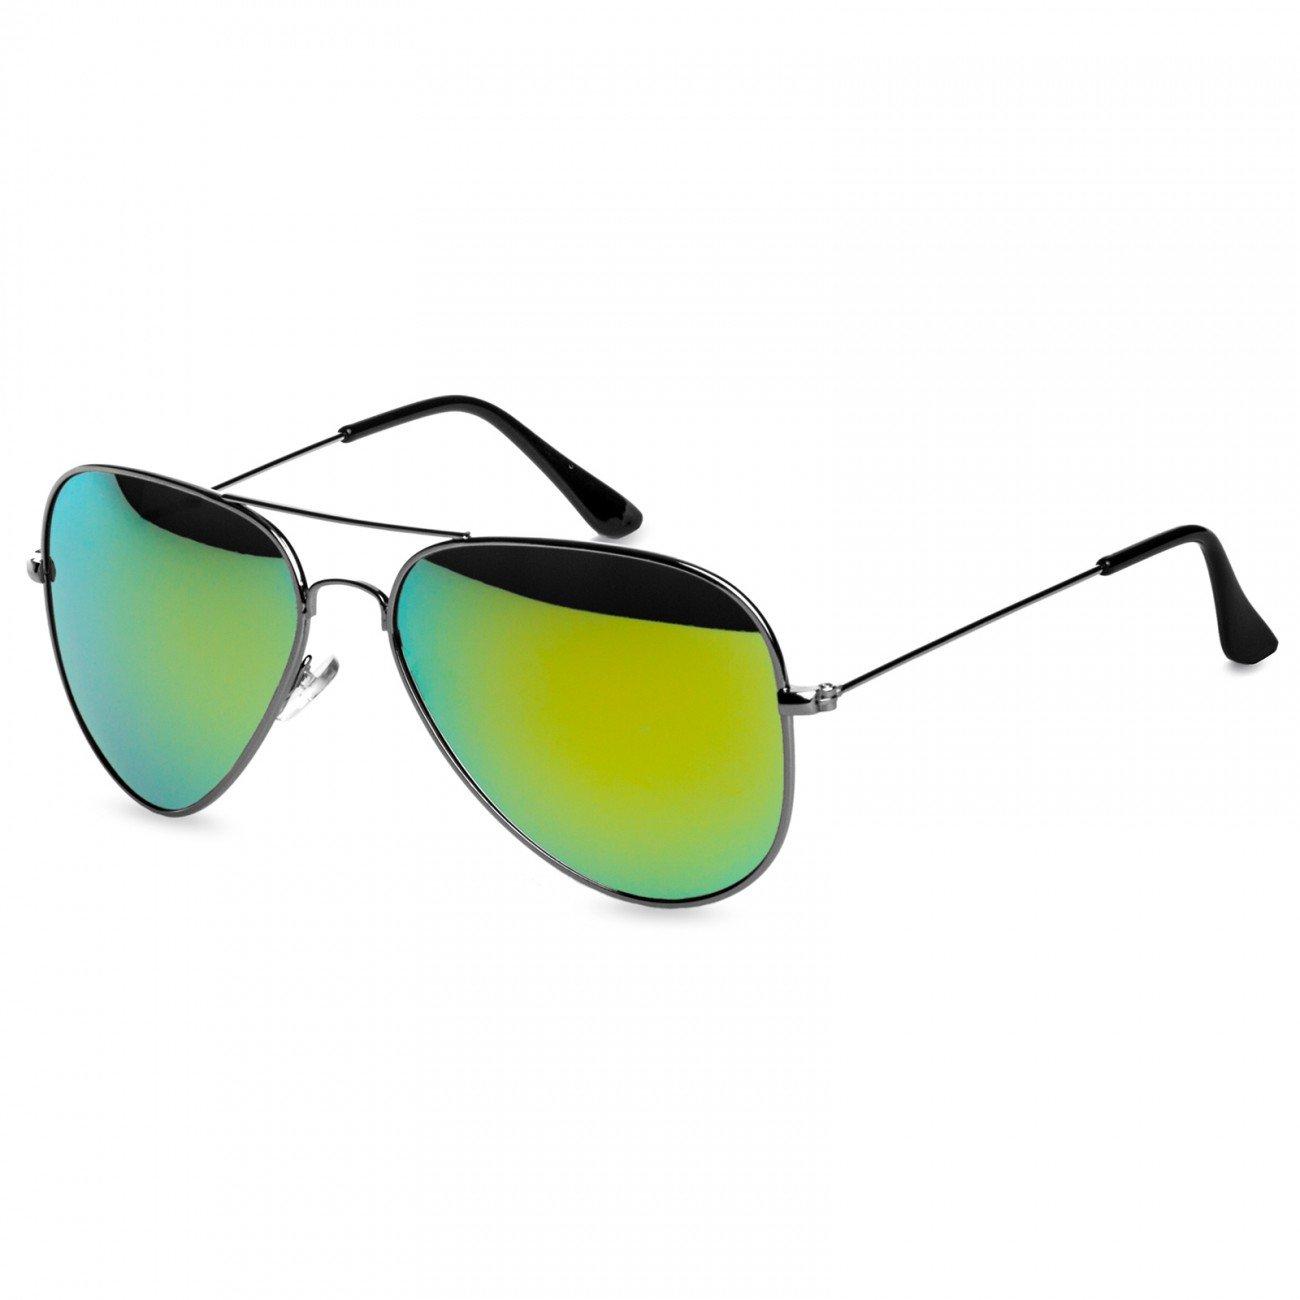 CASPAR PREMIUM Unisex Classic Aviator Pilotenbrille / Sonnenbrille - viele Varianten - SG032, Farbe:schwarz / schwarz getönt